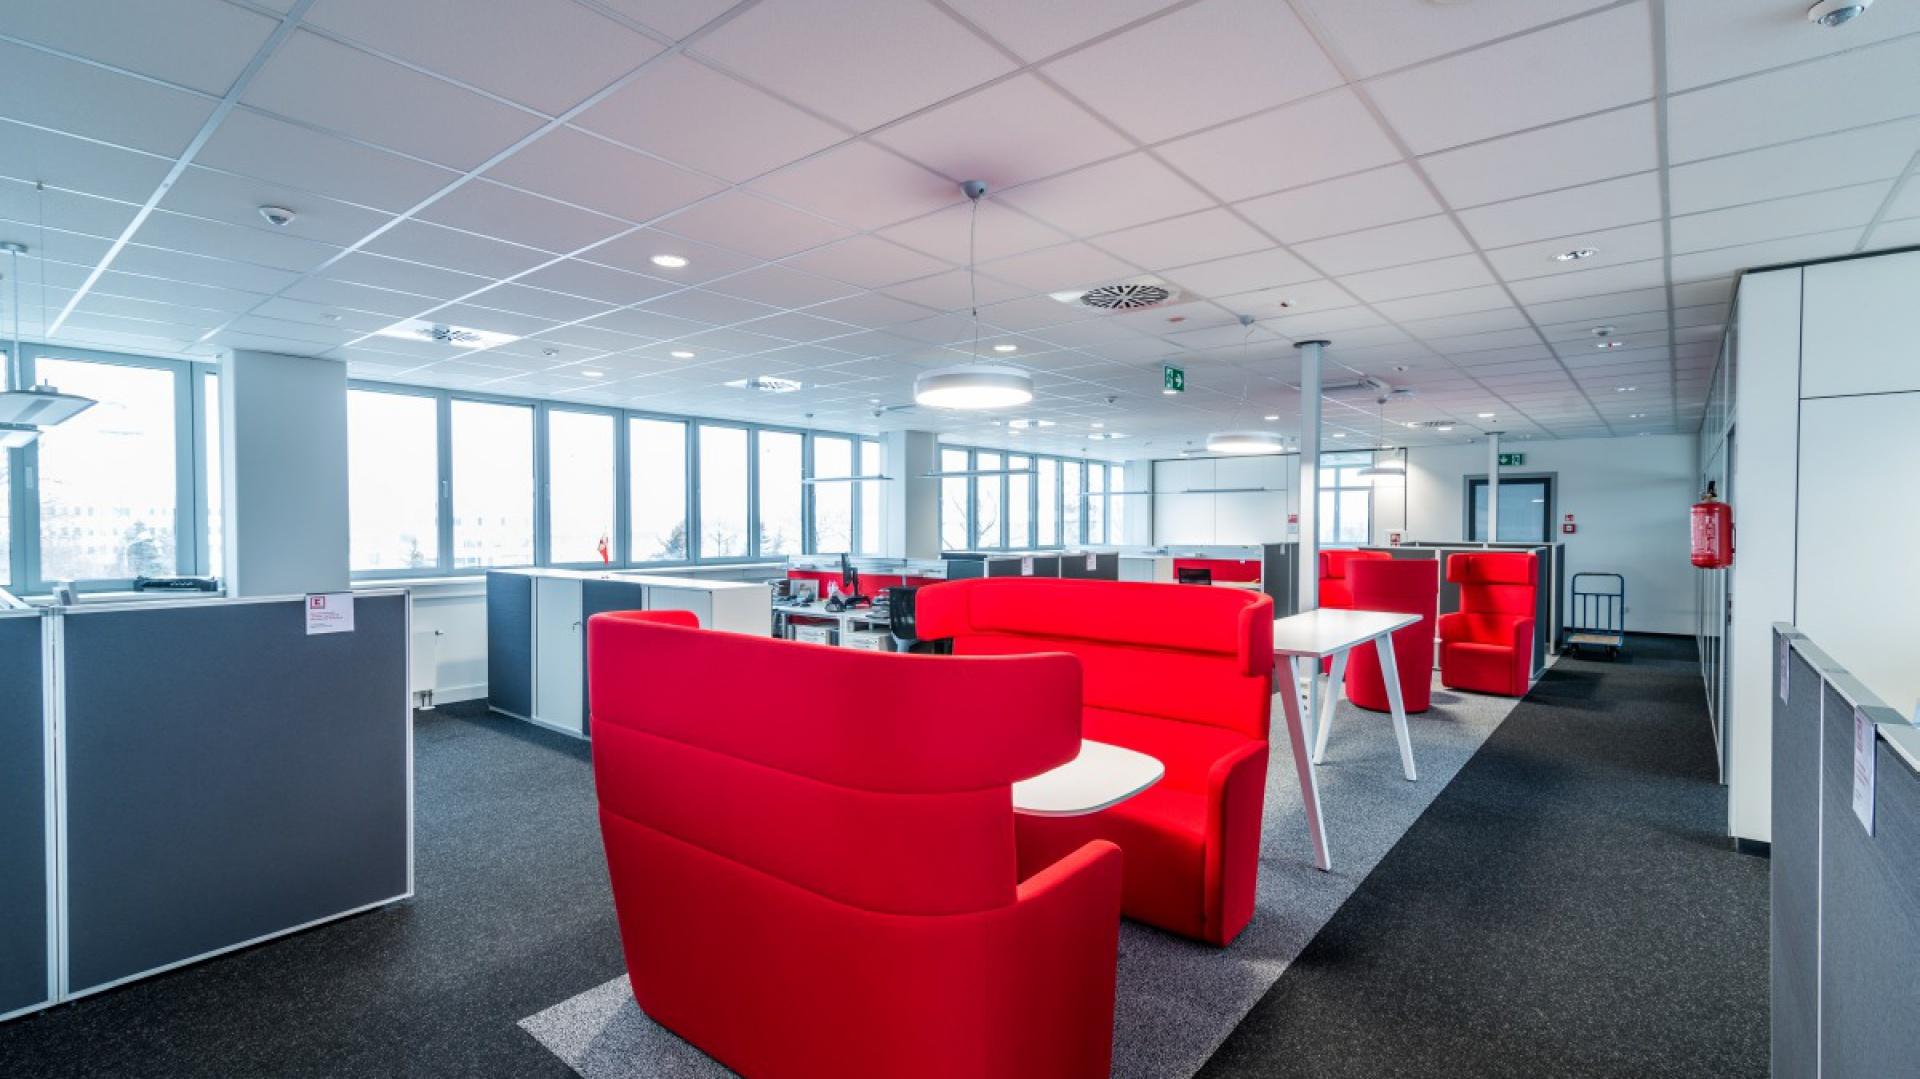 Przykładem troski o komfort pracowników mogą być rozwiązania zastosowane w nowej siedzibie firmy Kaufland Polska we Wrocławiu. Fot. Grupa RB